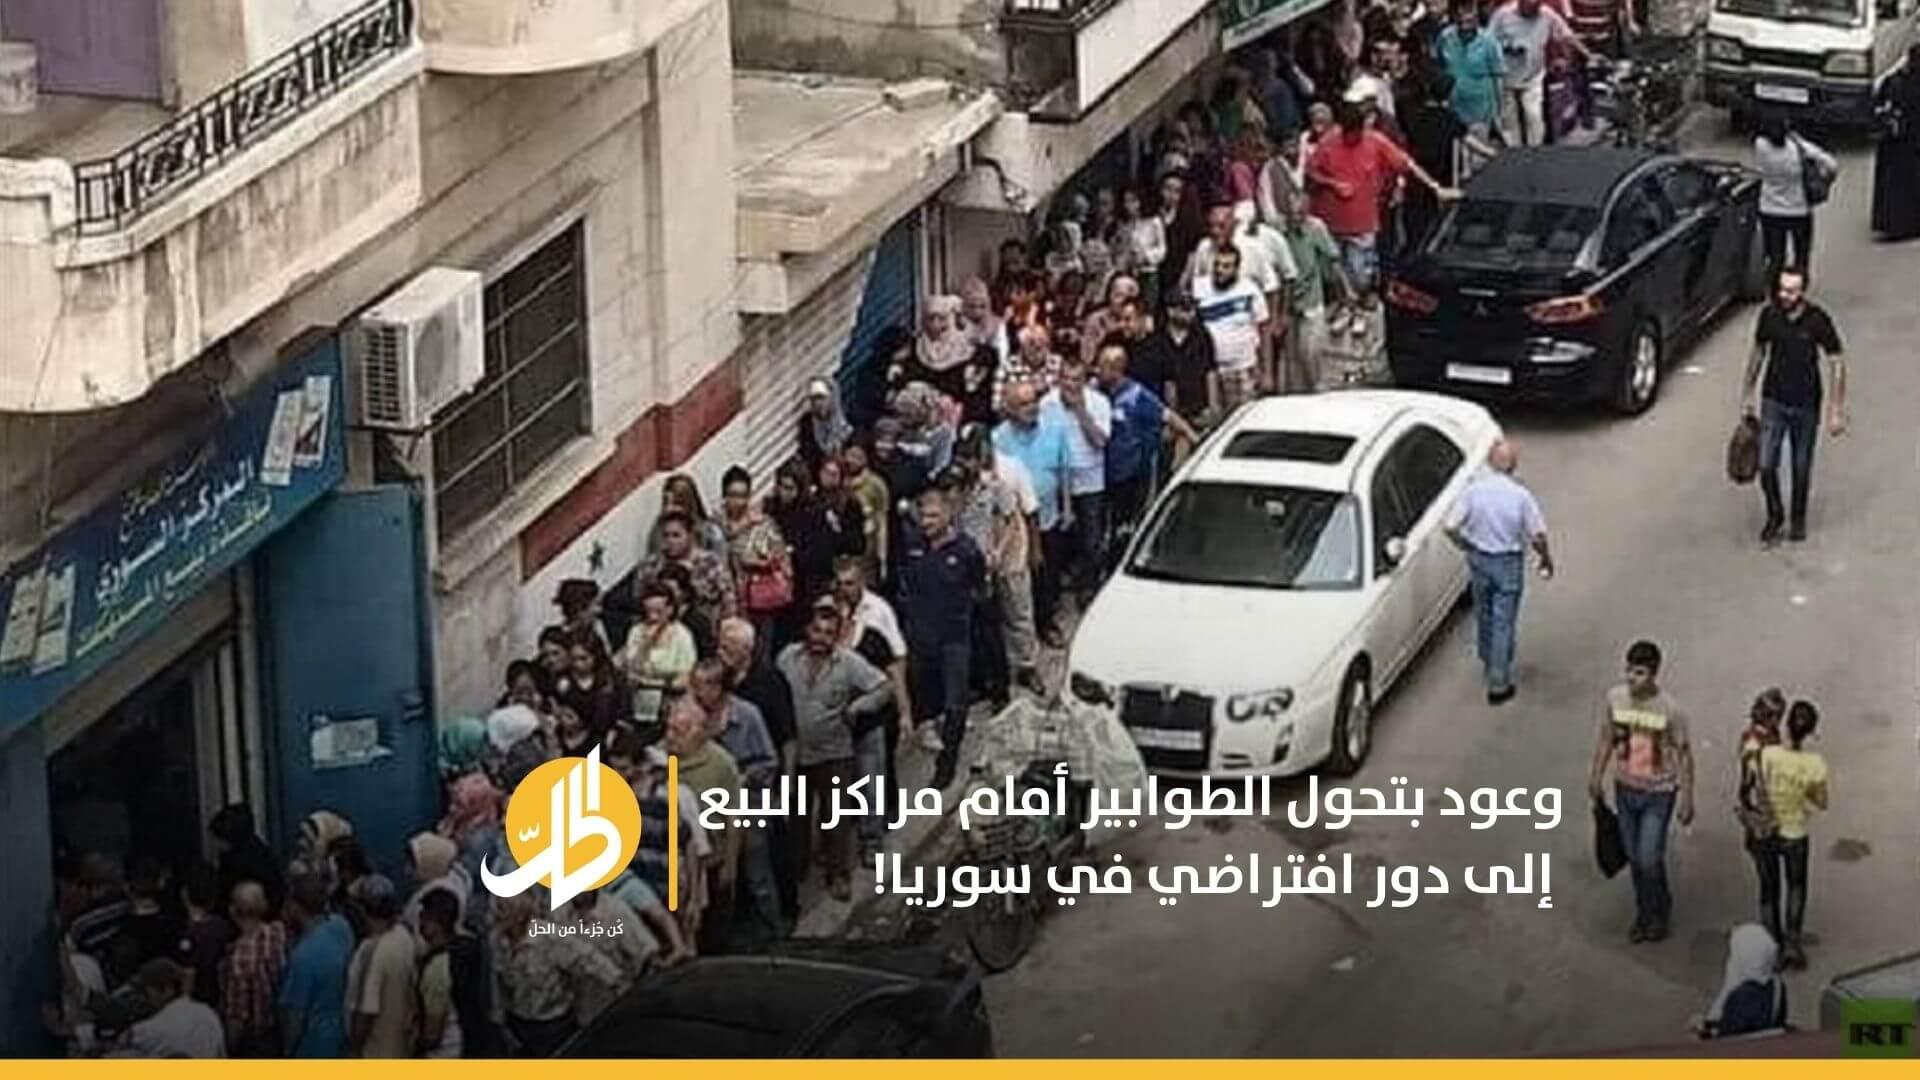 وعود بتحول الطوابير أمام مراكز البيع إلى دور افتراضي في سوريا!